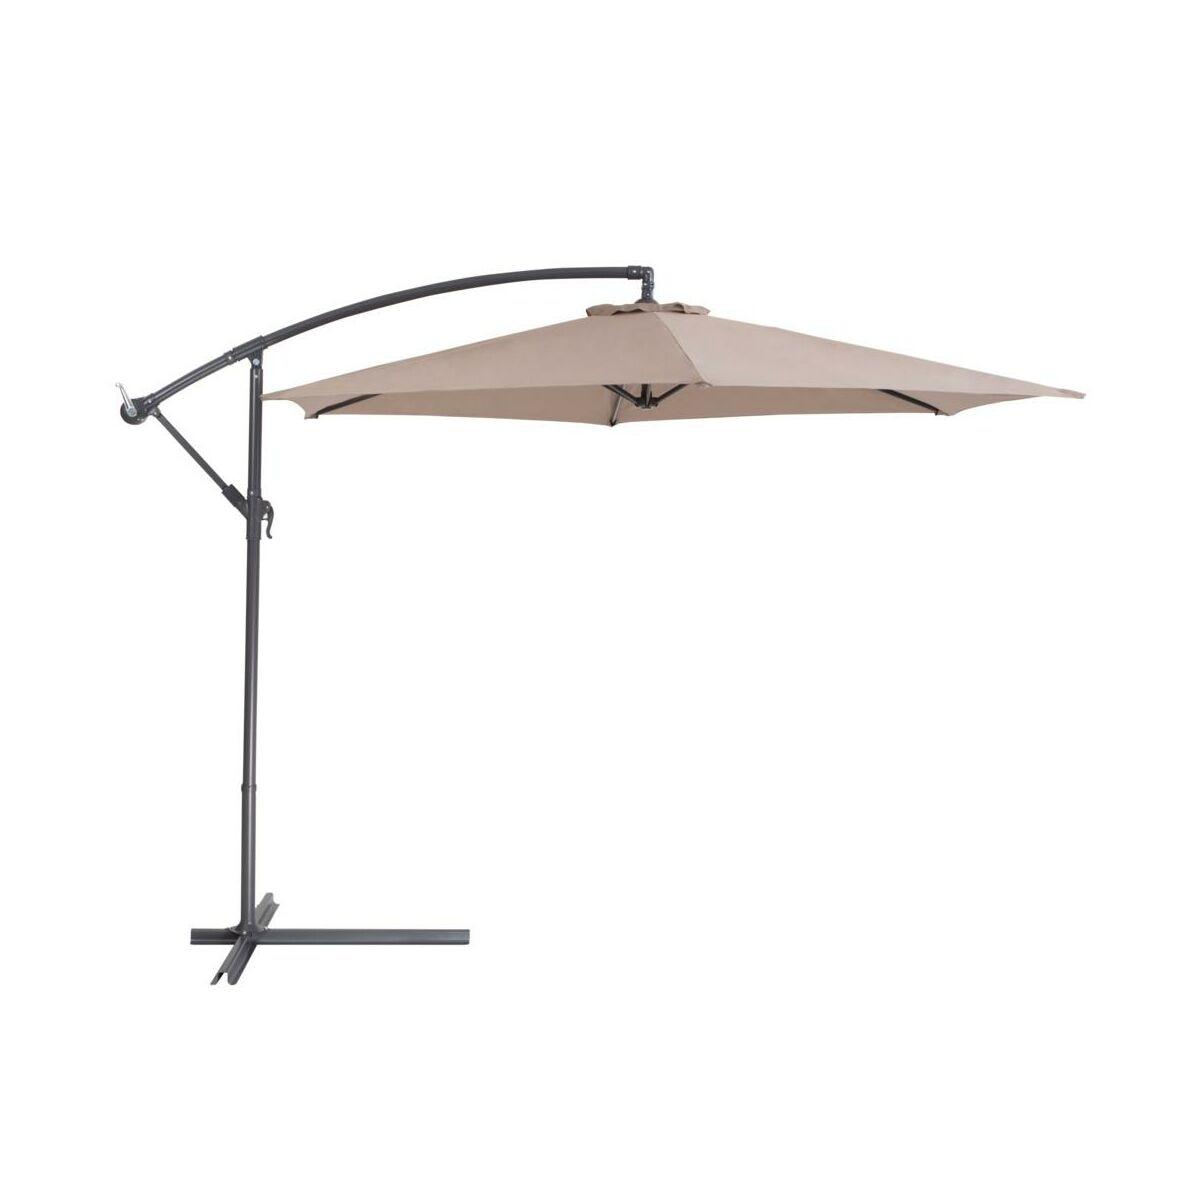 parasol ogrodowy mokka beliani parasole ogrodowe podstawy w atrakcyjnej cenie w sklepach. Black Bedroom Furniture Sets. Home Design Ideas